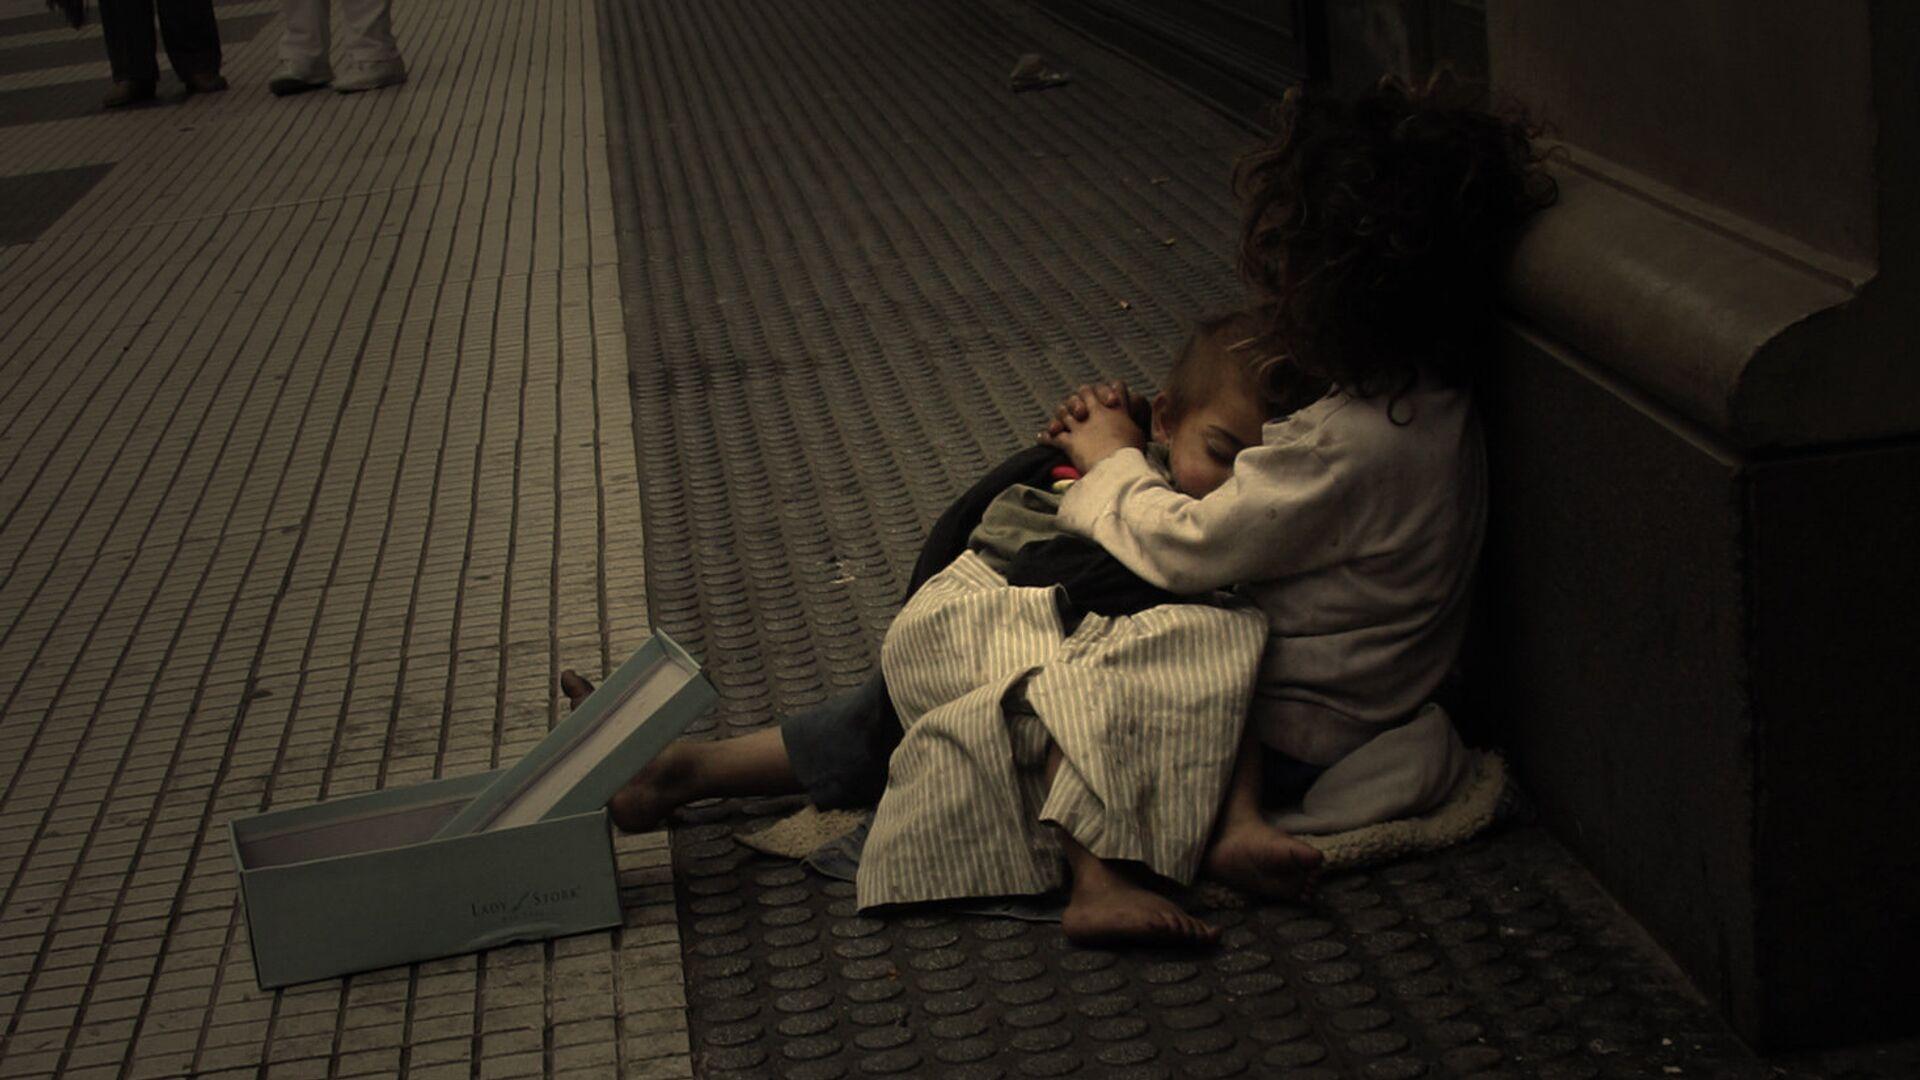 Una familia pobre en  Argentina - Sputnik Mundo, 1920, 12.10.2021